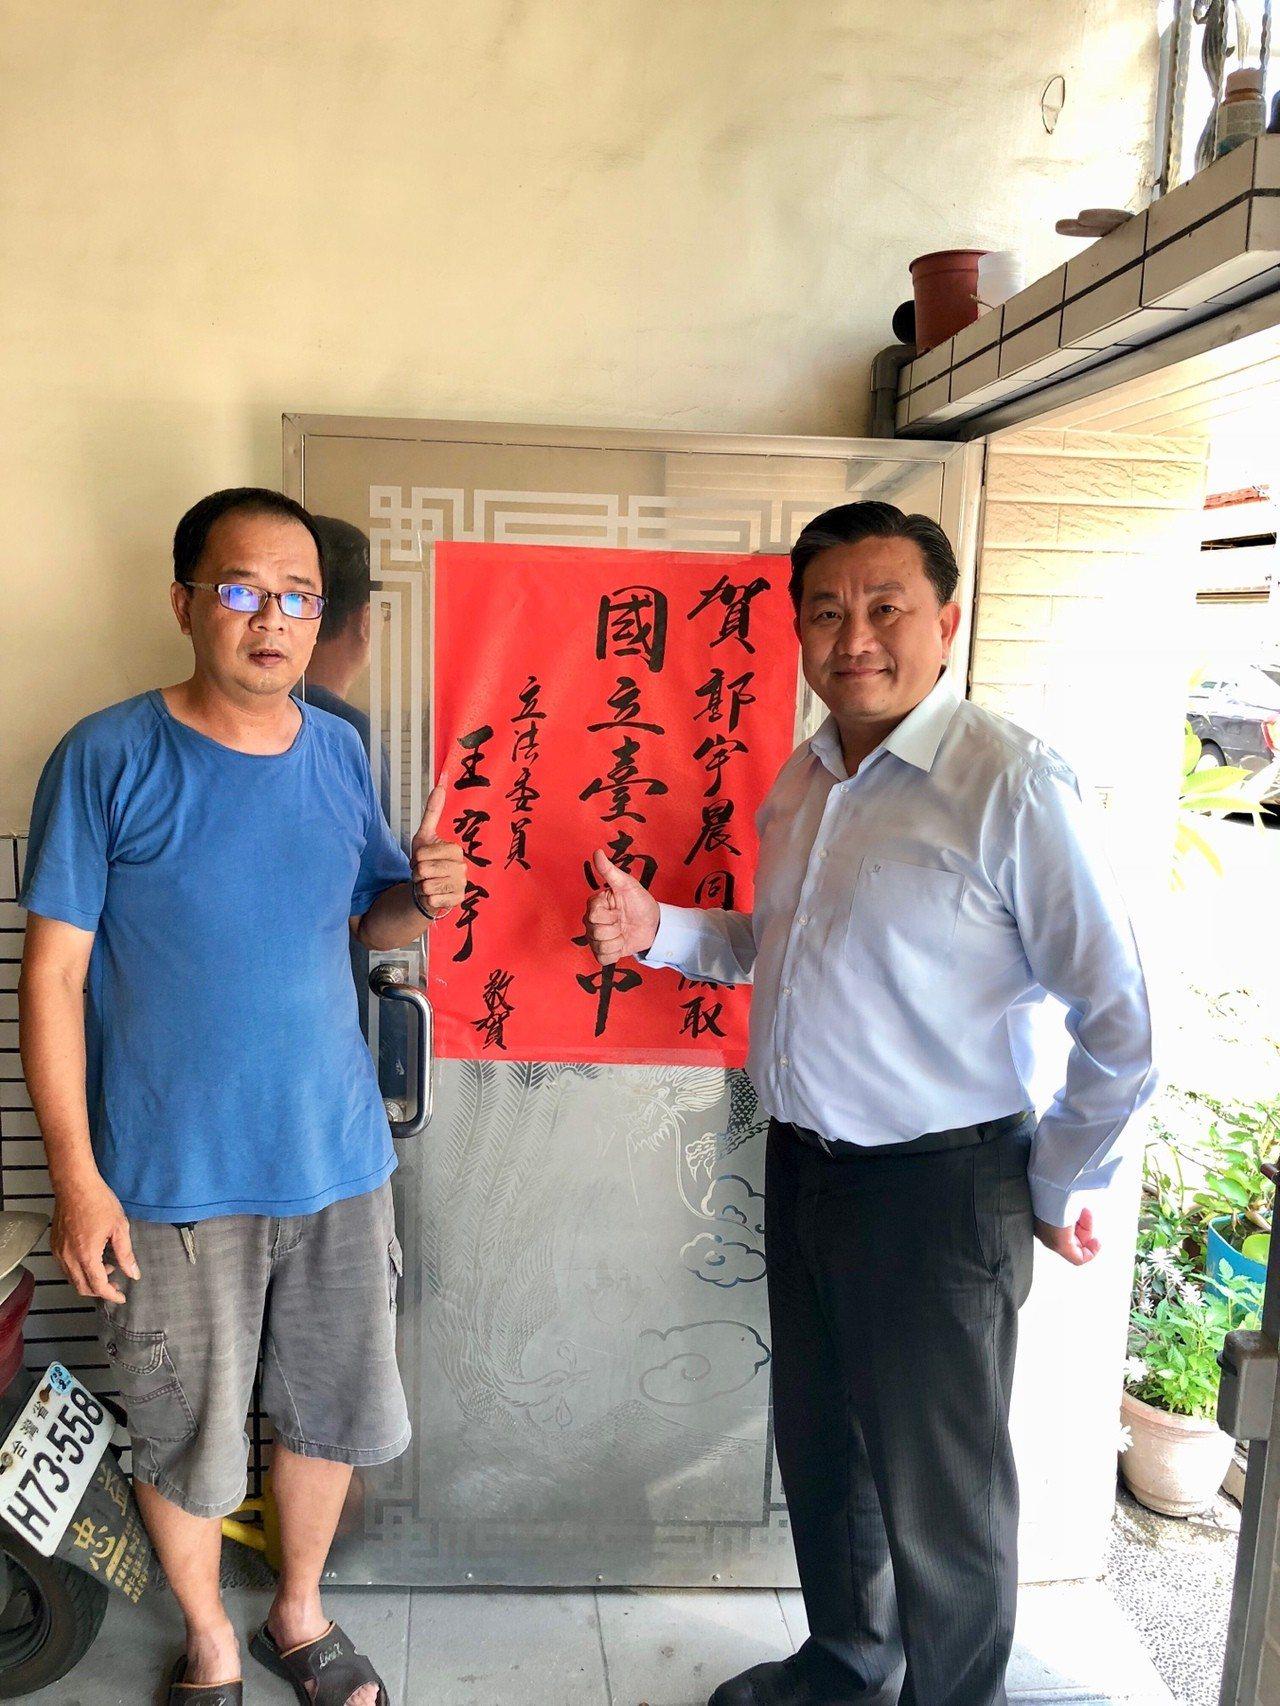 王定宇專程到腦麻學生友人郭宇晨家送禮貼紅榜,感謝多年支持。圖/王定宇提供